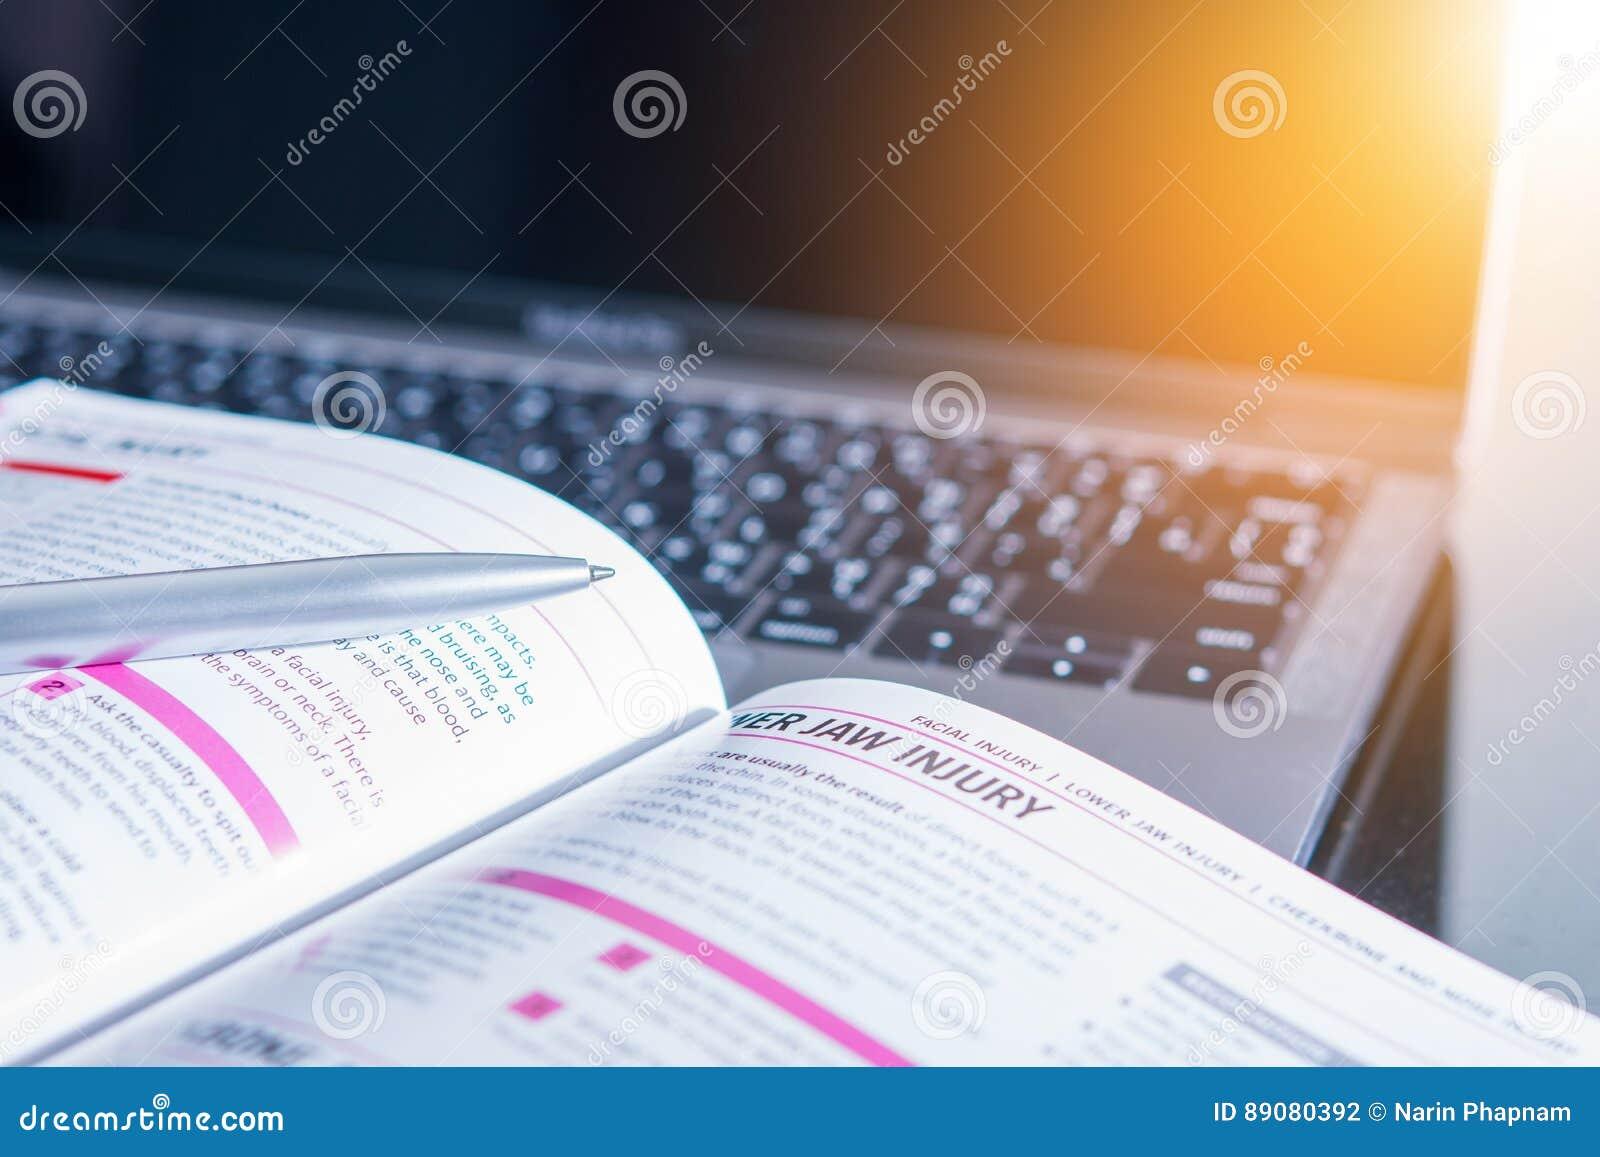 Libro medico sul computer portatile